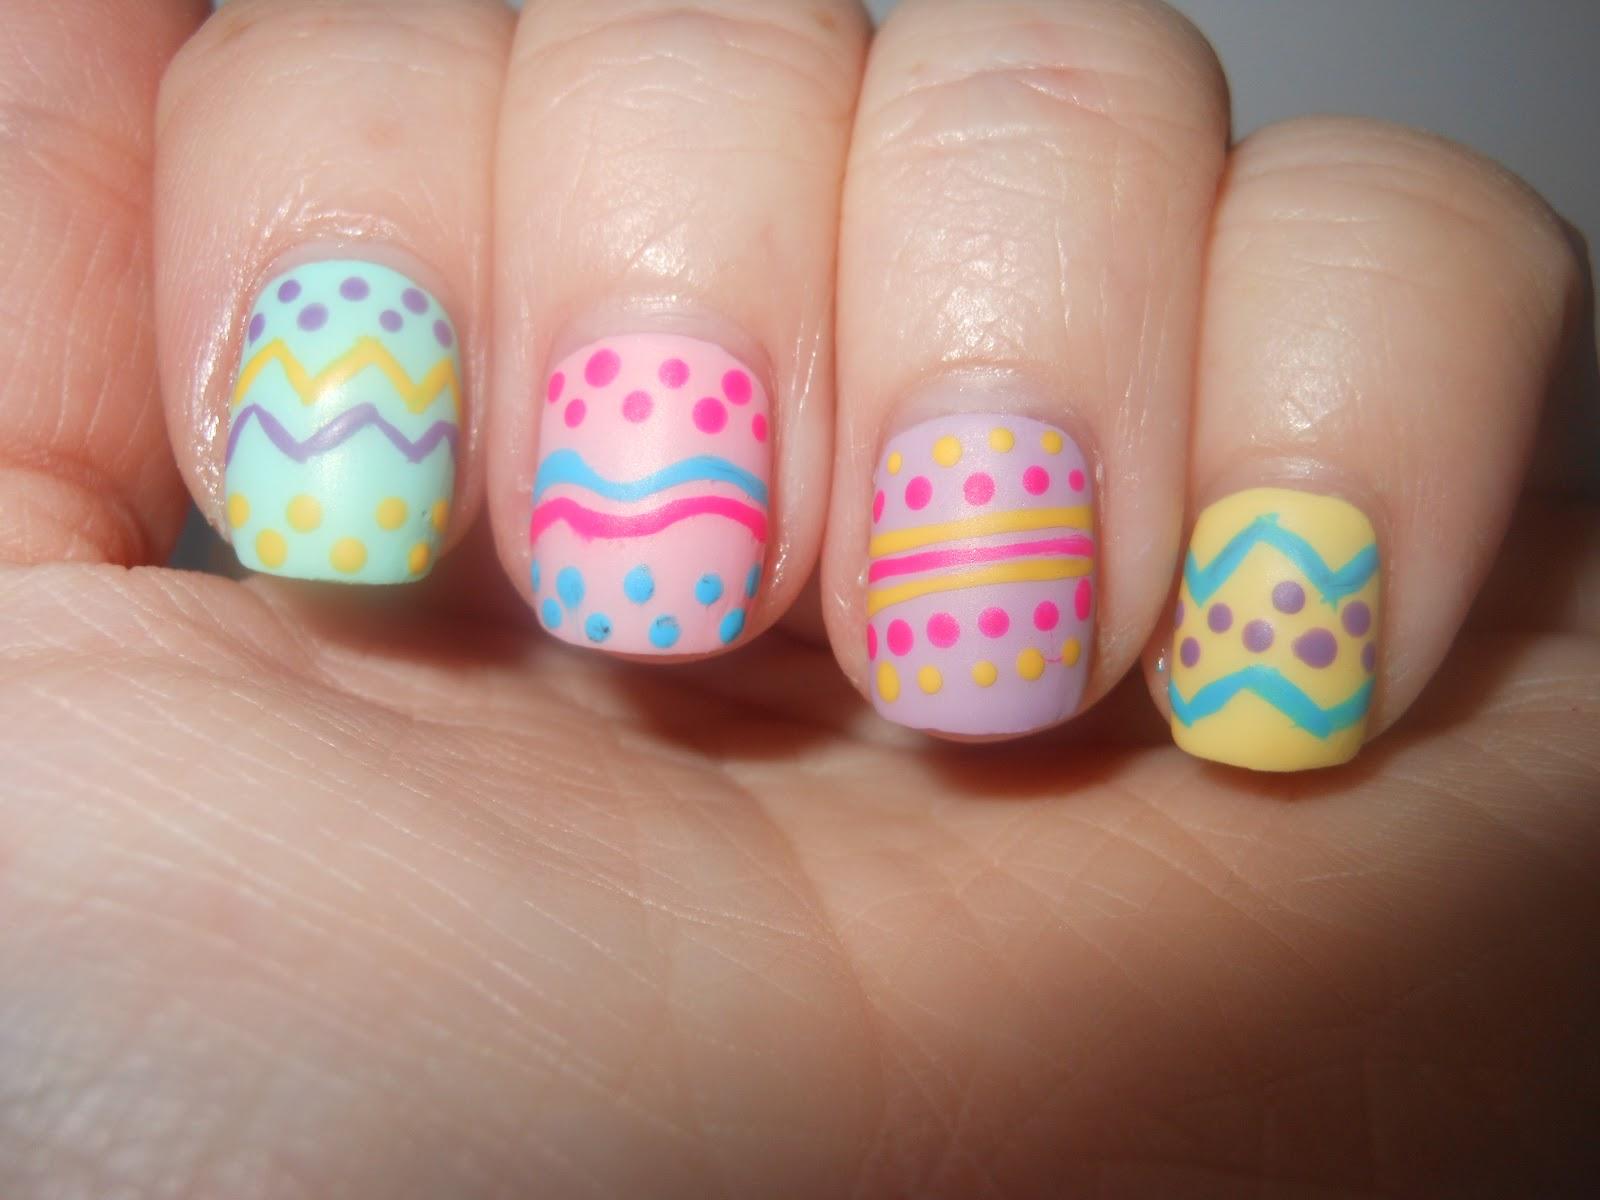 Wielkanocne Paznokcie Niech Będzie Wesoło